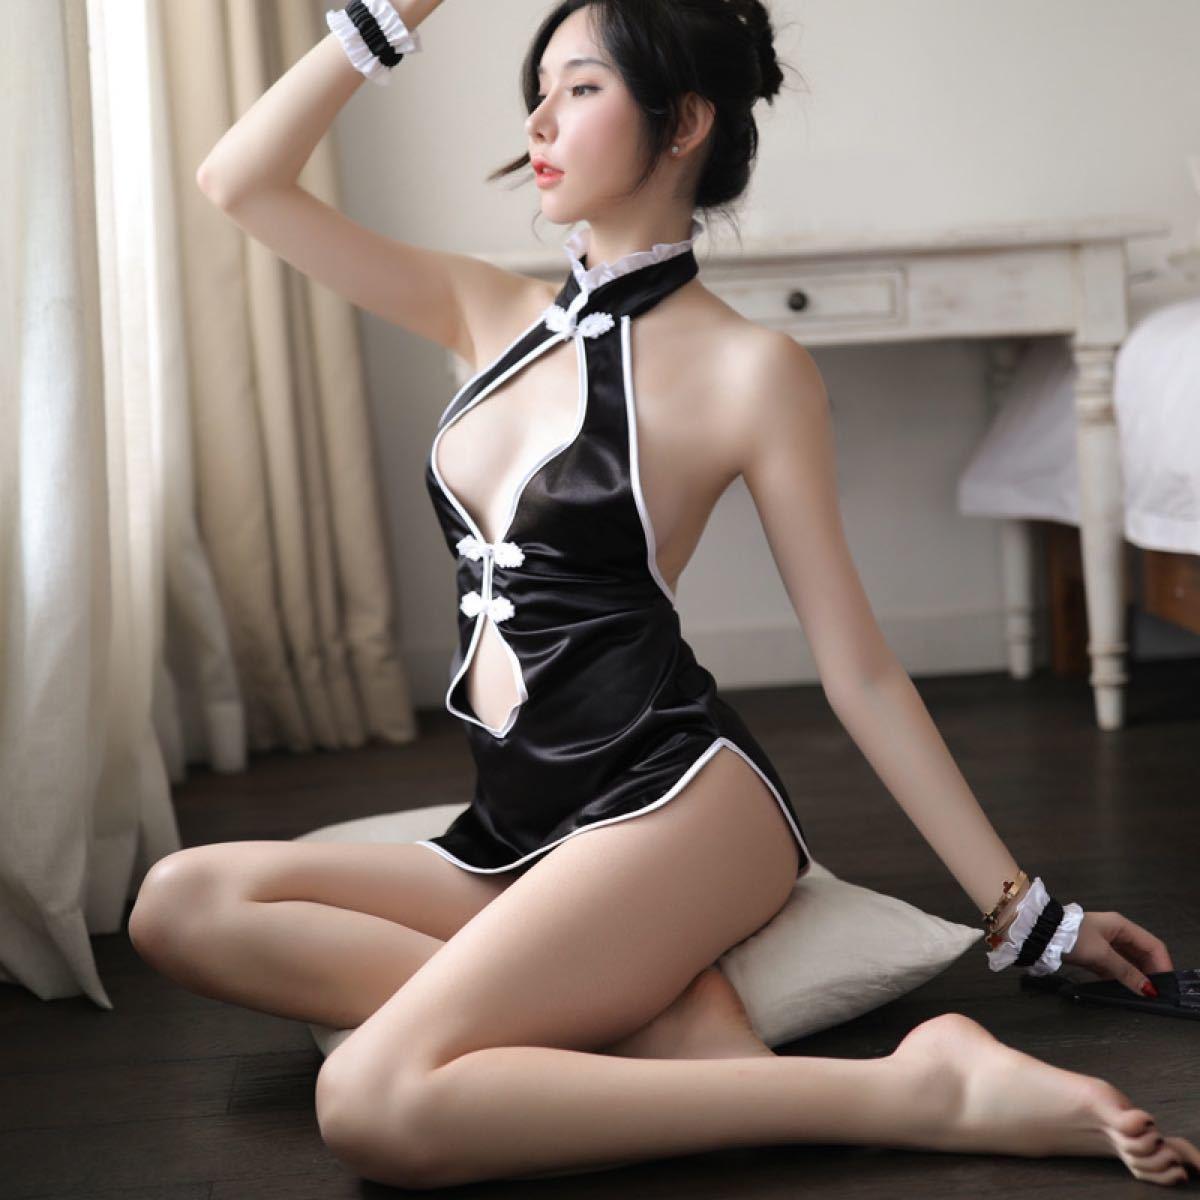 可愛い セクシー コスプレ 送料無料  ベビードール セクシーランジェリー コスプレ衣装 胸元 花柄